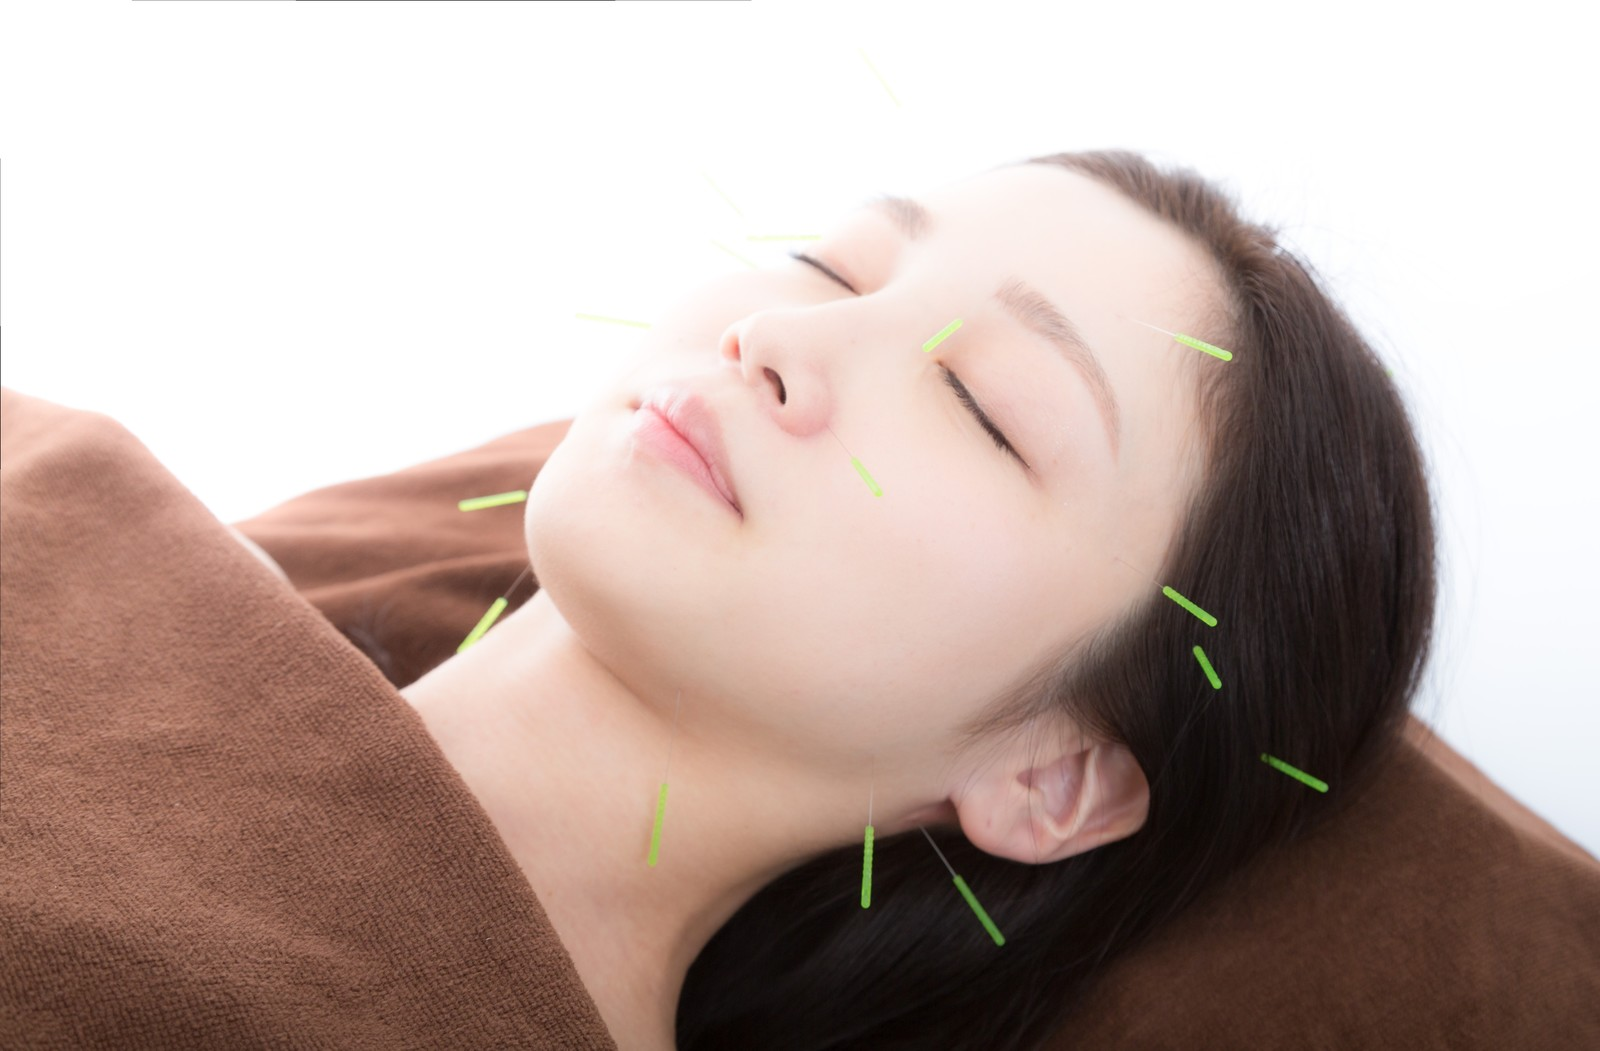 「美容鍼 フリー素材」の画像検索結果